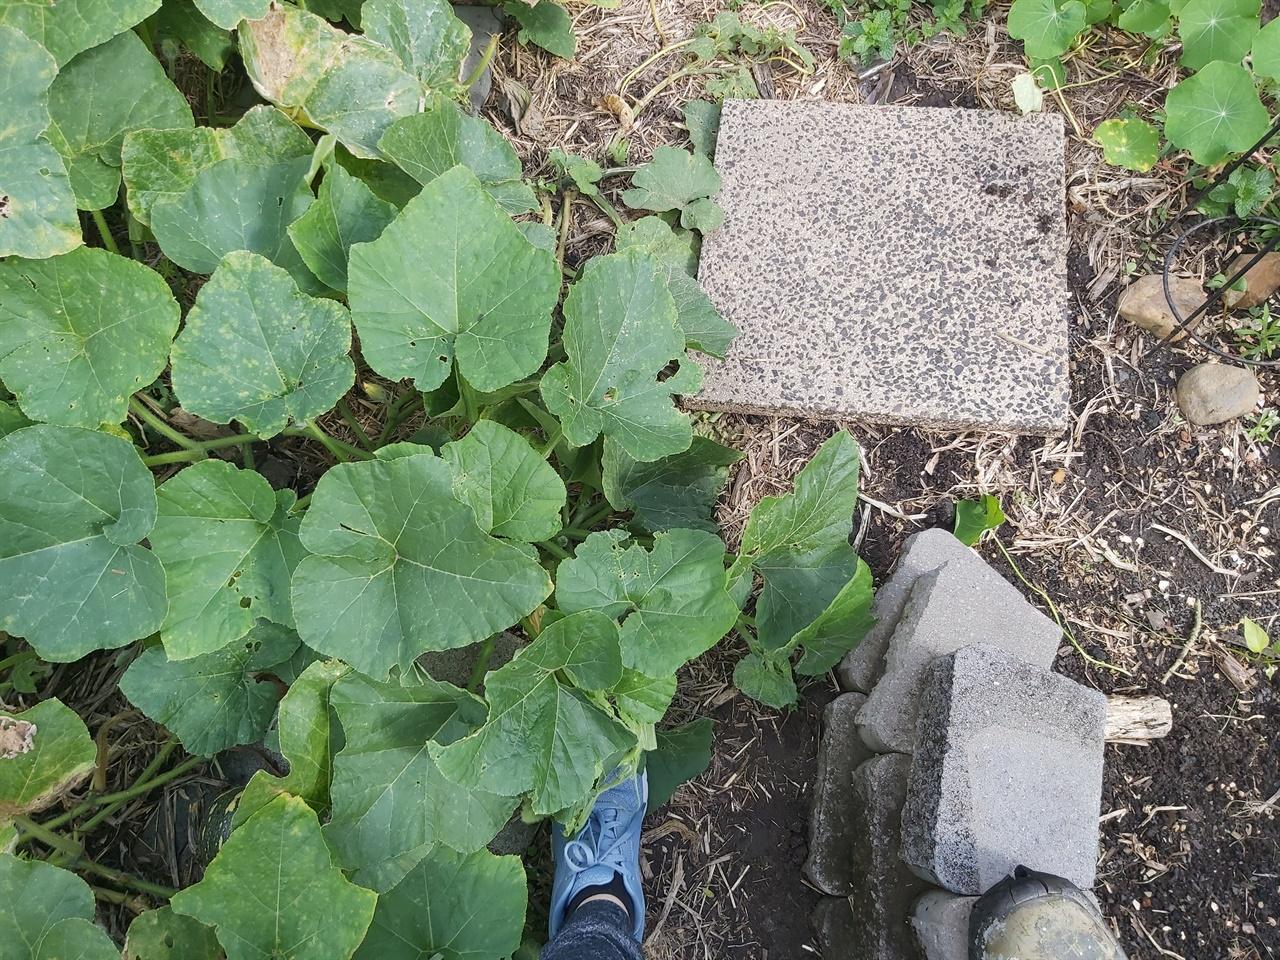 돌을 들면 통이 있고 그 통안에 음식물들을 모아 2-3개월 두면 이것들이 분해되기 시작하면서 벌레들이 생긴다고 한다.